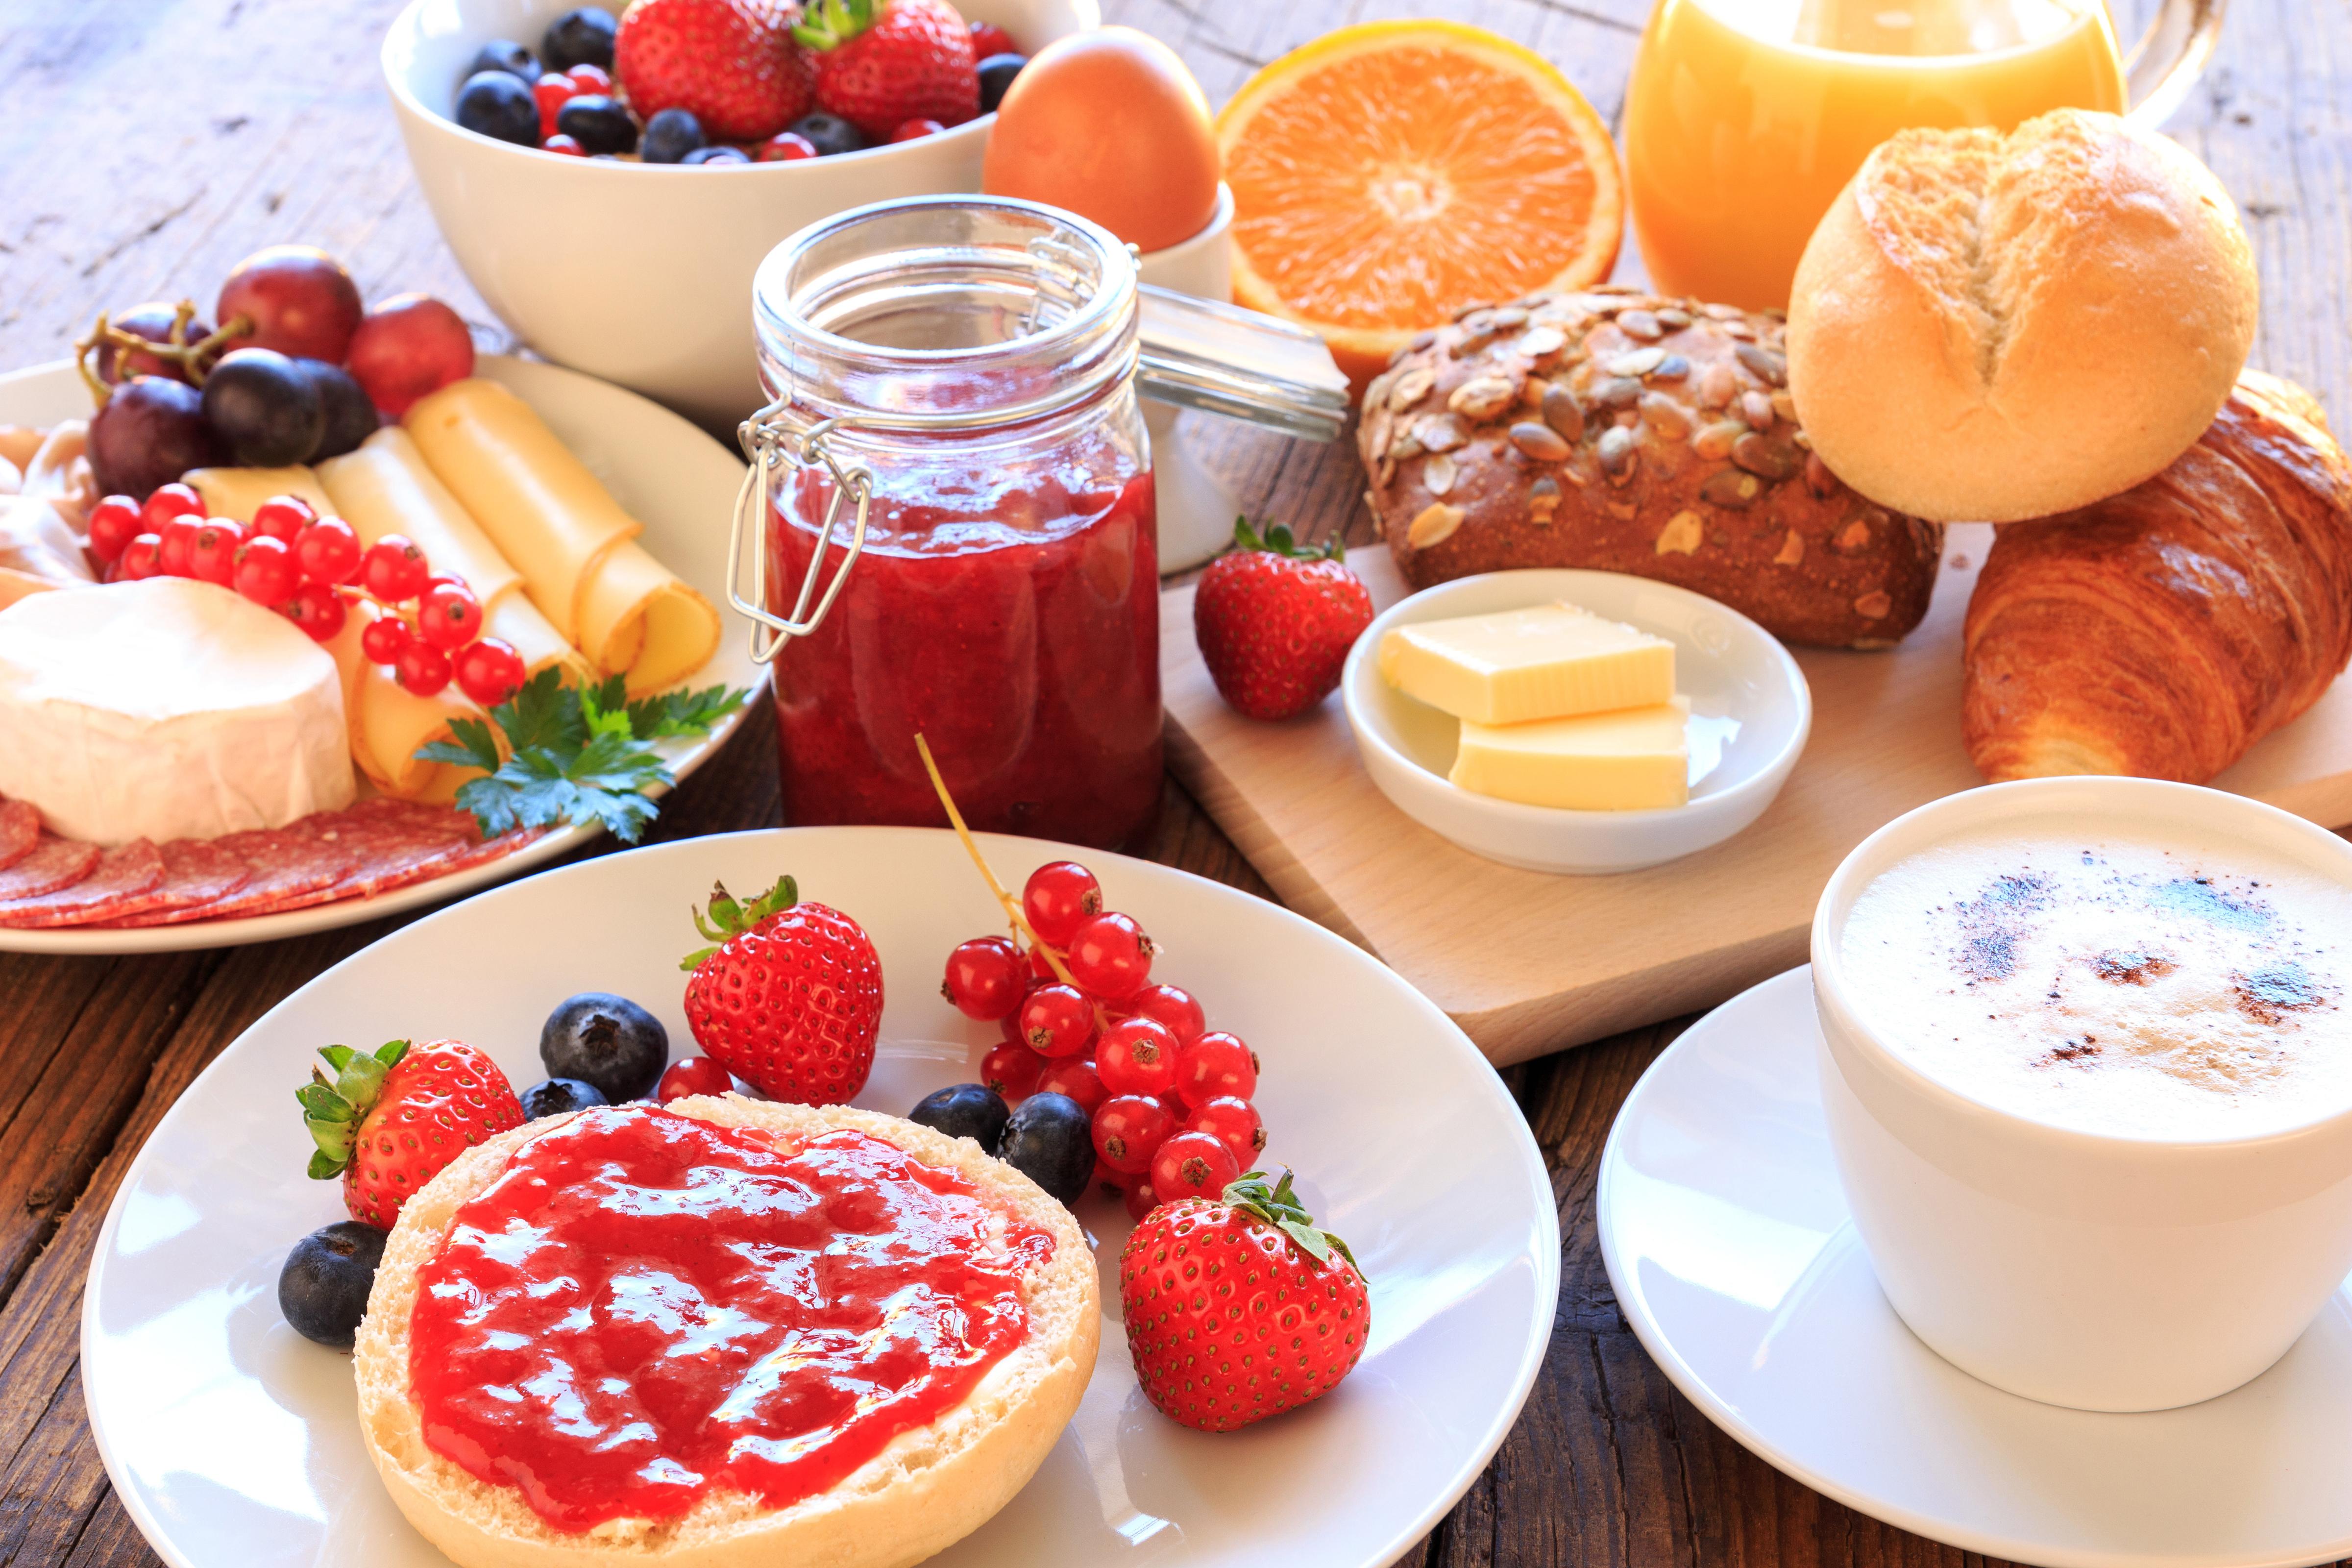 Breakfast 4k Ultra Hd Wallpaper Background Image 4800x3200 Id 871906 Wallpaper Abyss